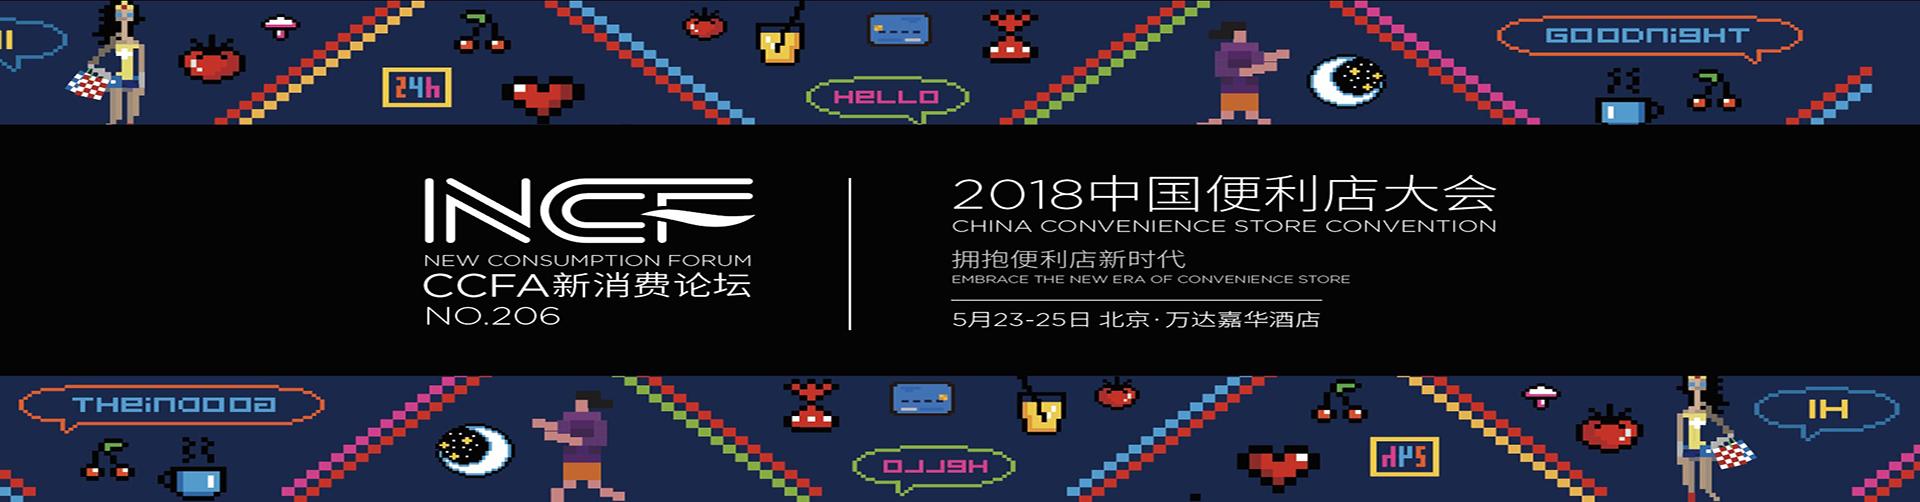 2018中国便利店大会